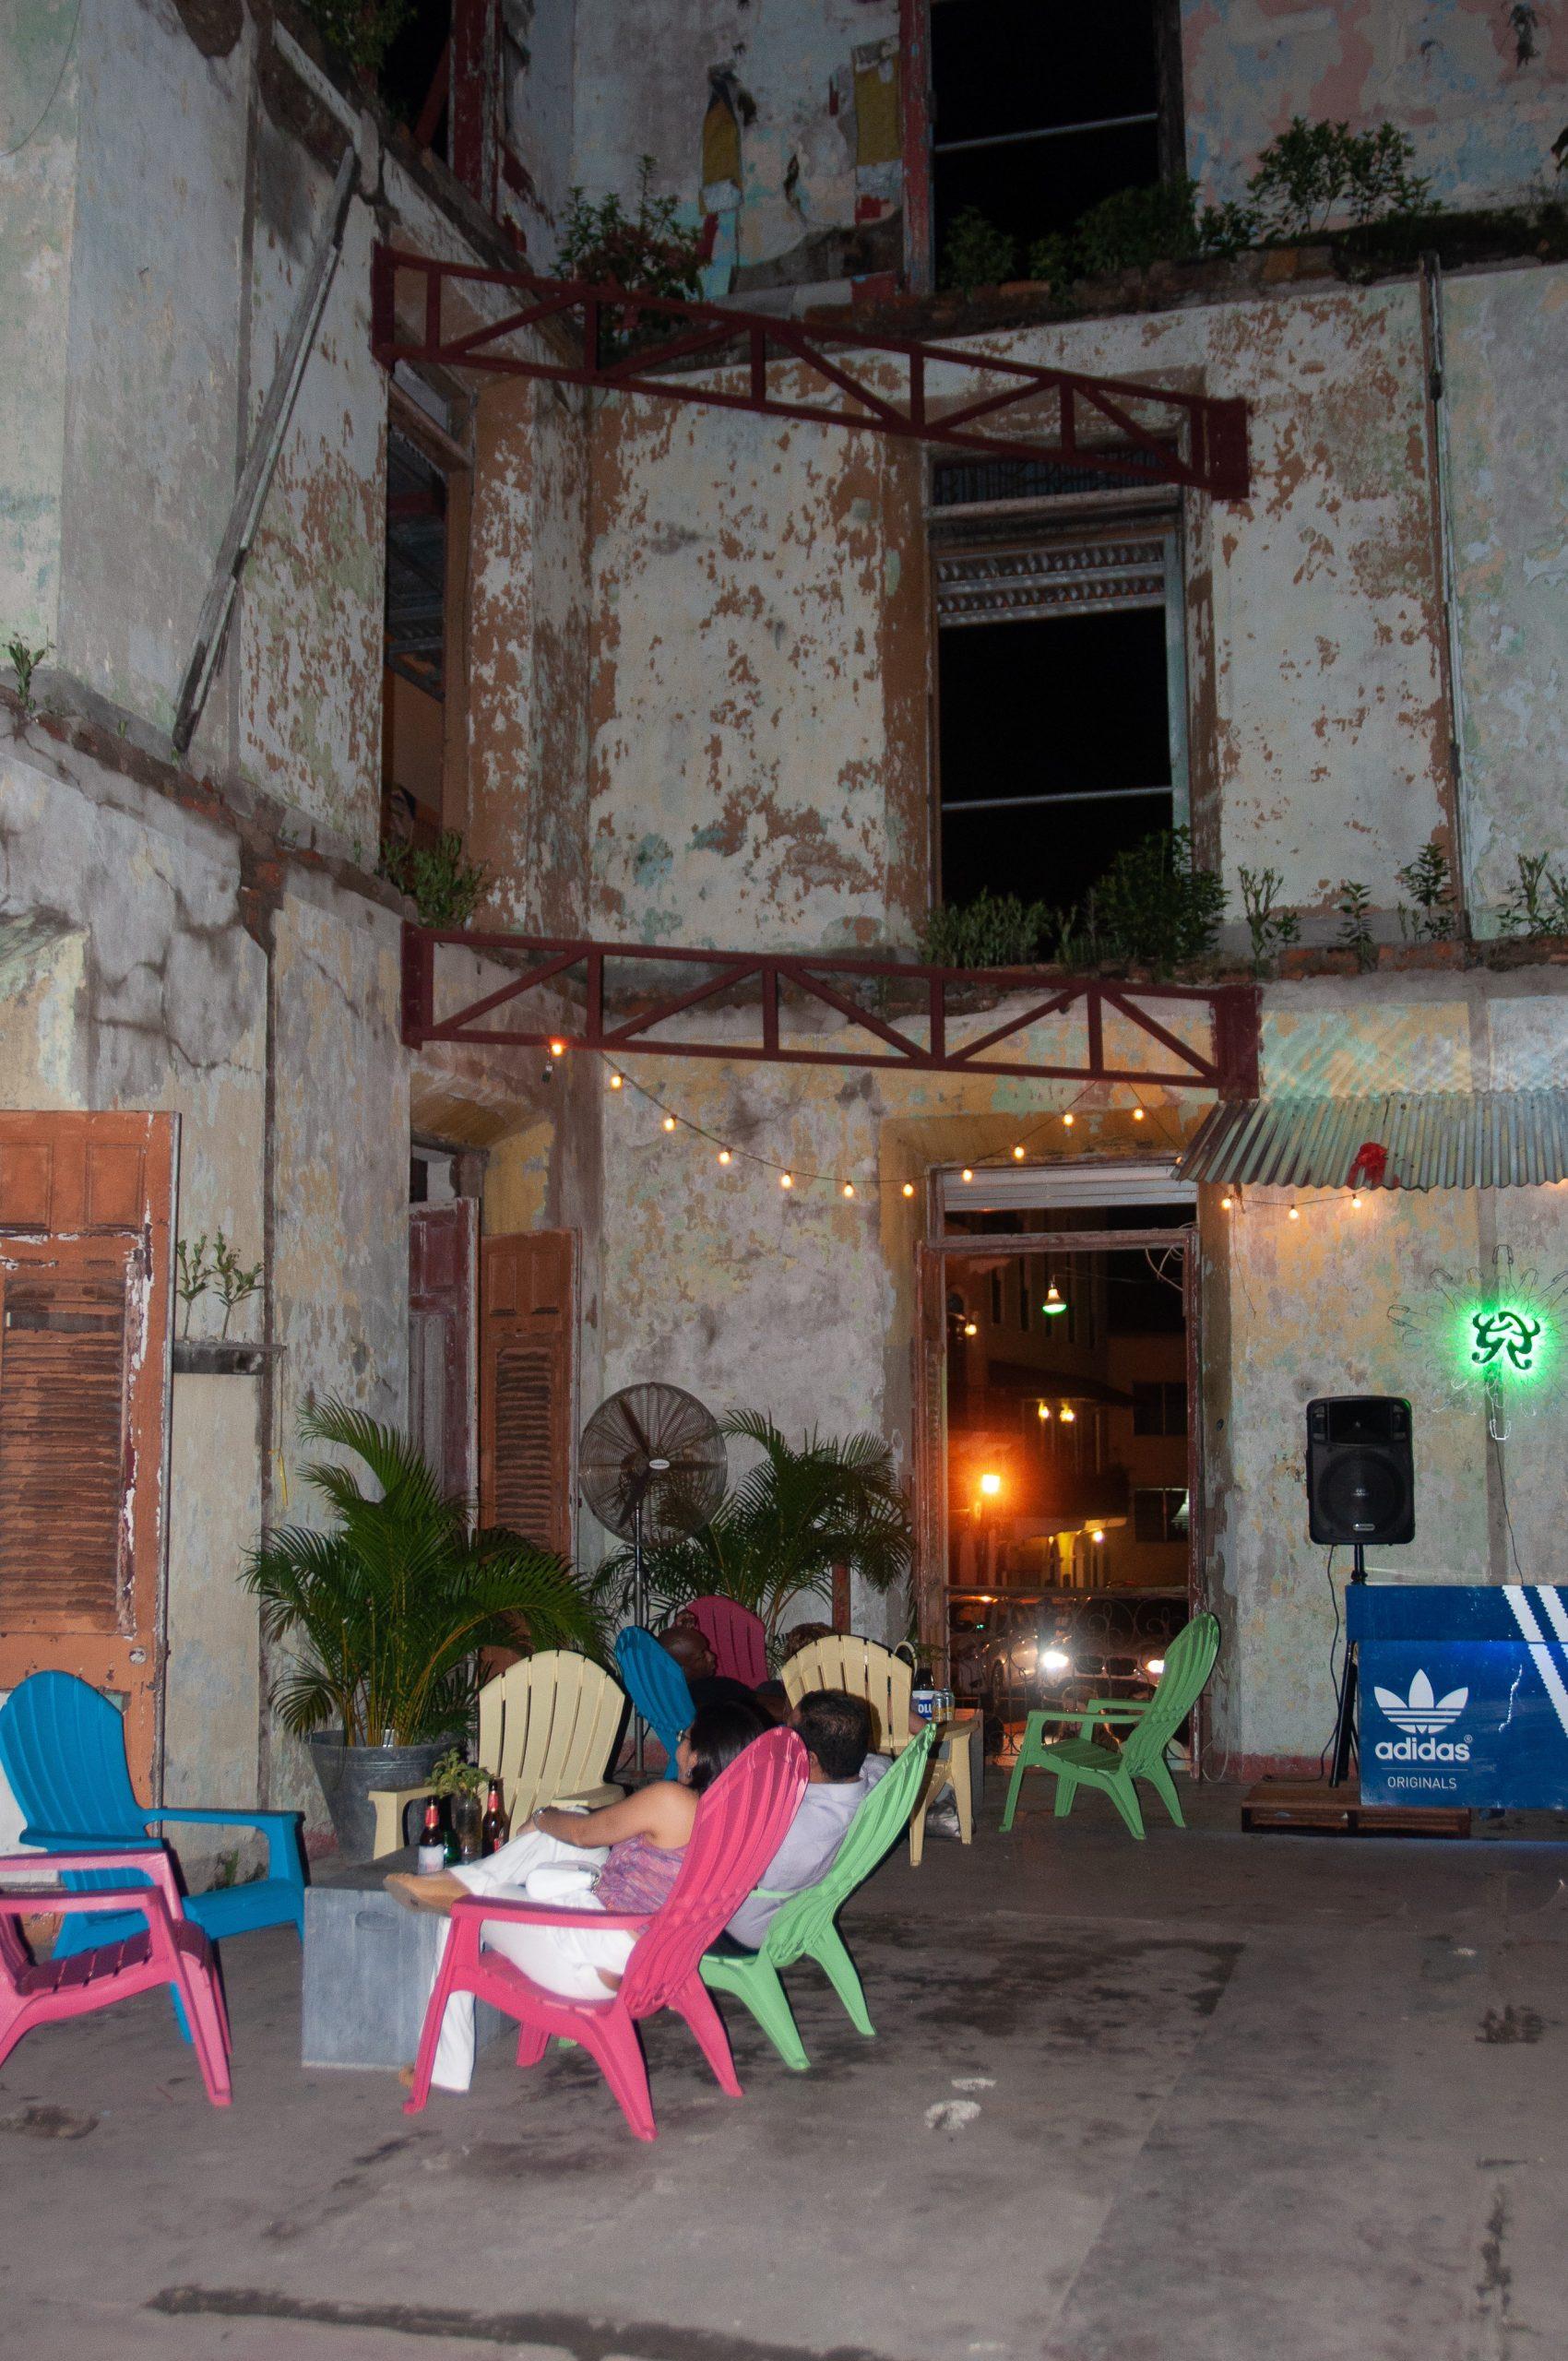 Panama city 21 scaled - Les globe blogueurs - blog voyage nature